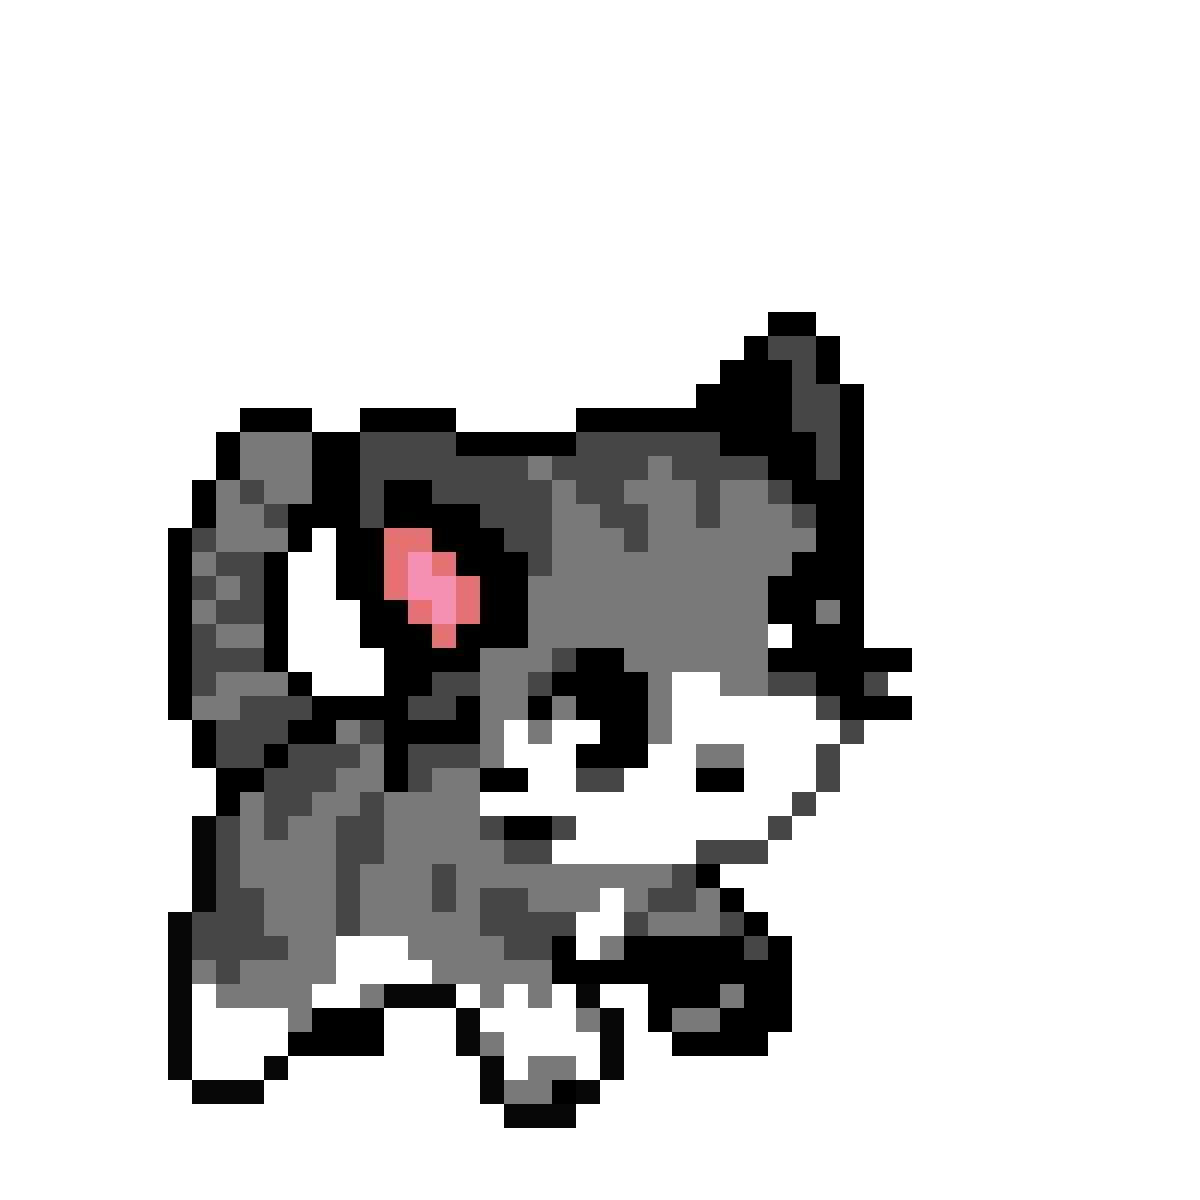 Cute Cat by derpycat